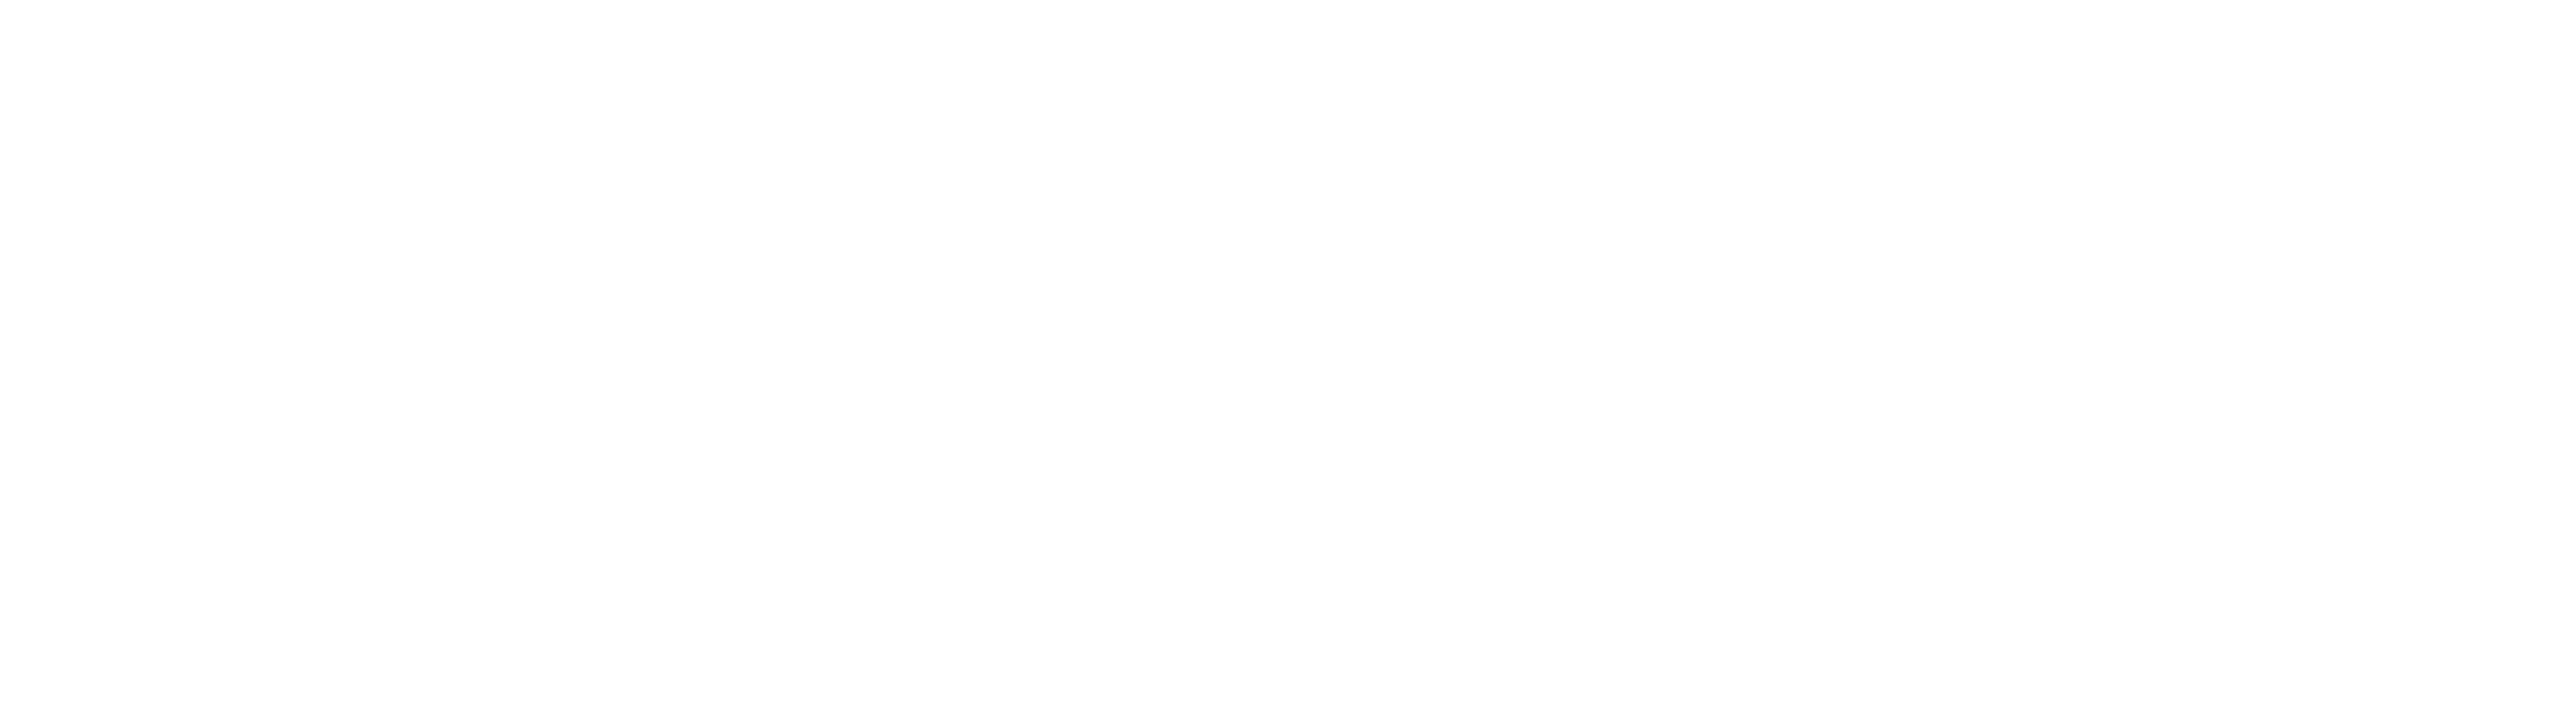 Yan Chuen Church